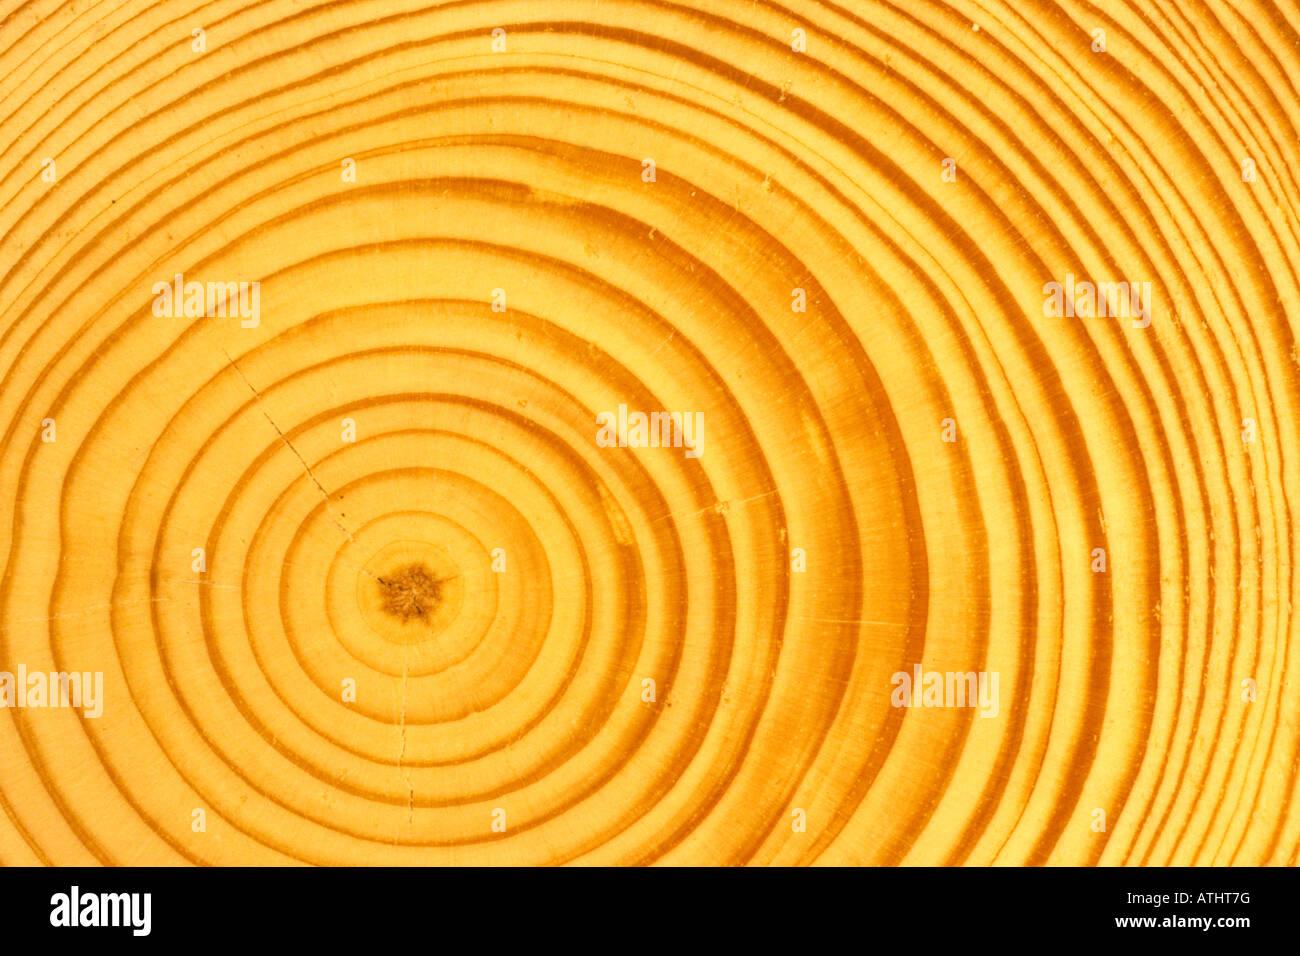 Le pin sylvestre (Pinus sylvestris) section de tronc montrant les anneaux de croissance Photo Stock